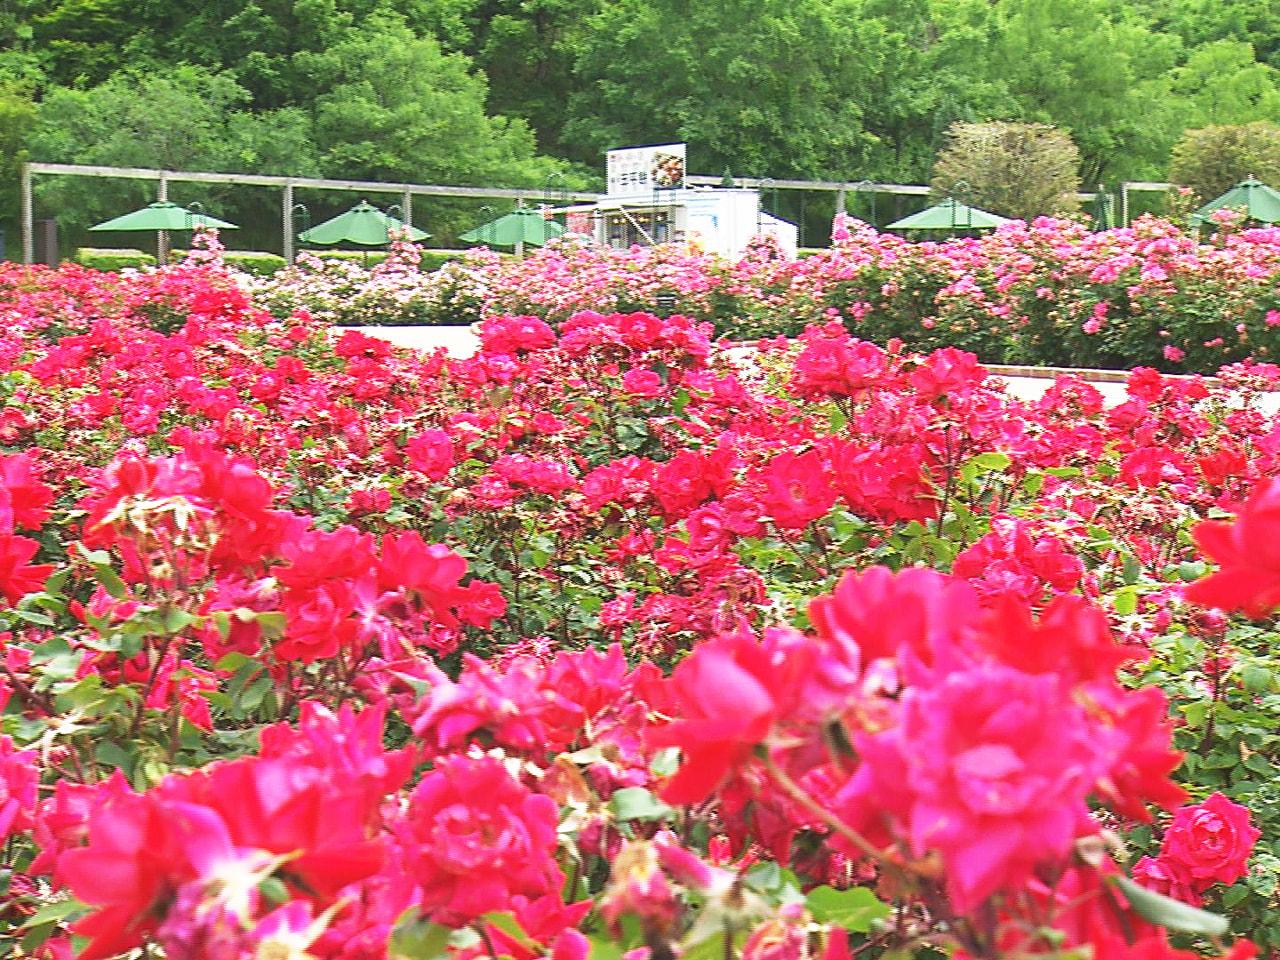 岐阜県可児市の花フェスタ記念公園では、色とりどりのバラが見頃を迎えています。 バ...